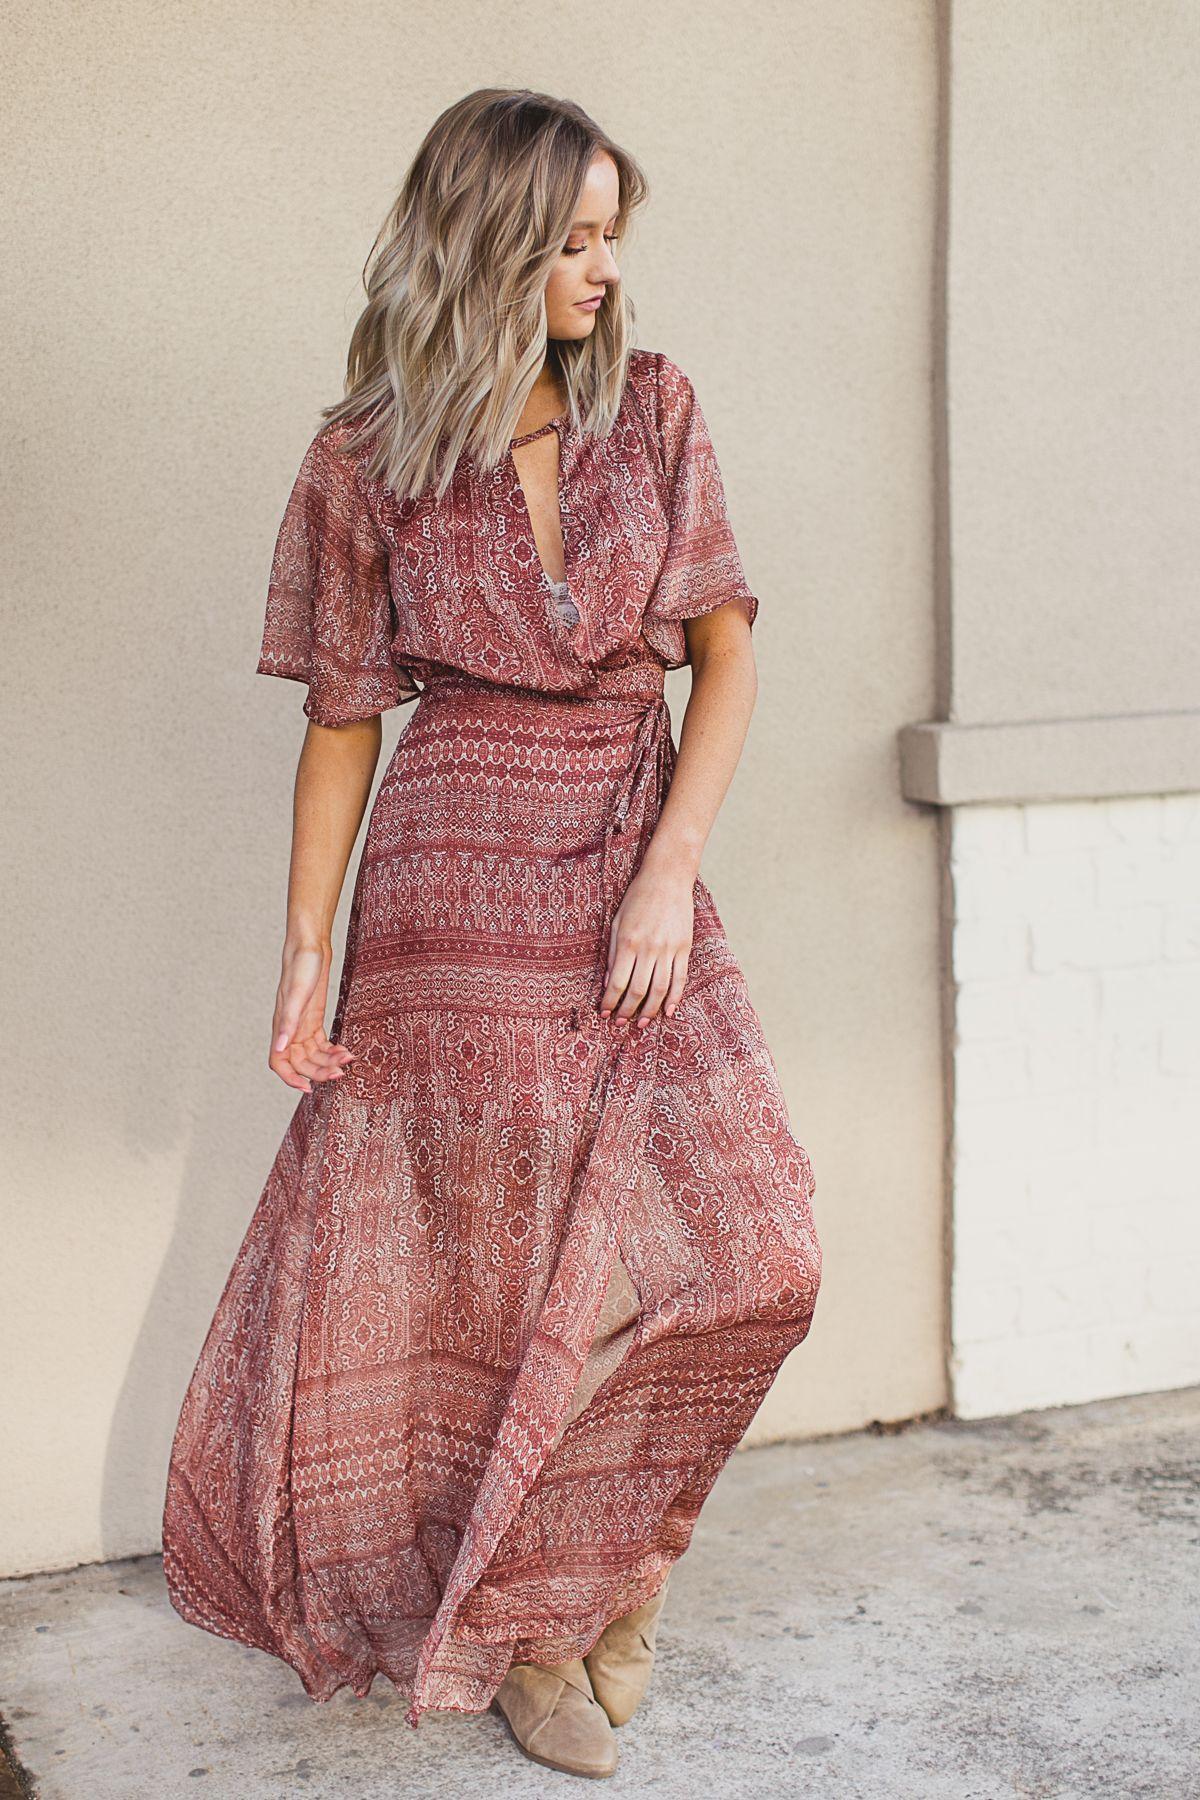 Maxi dresses 2018 trend